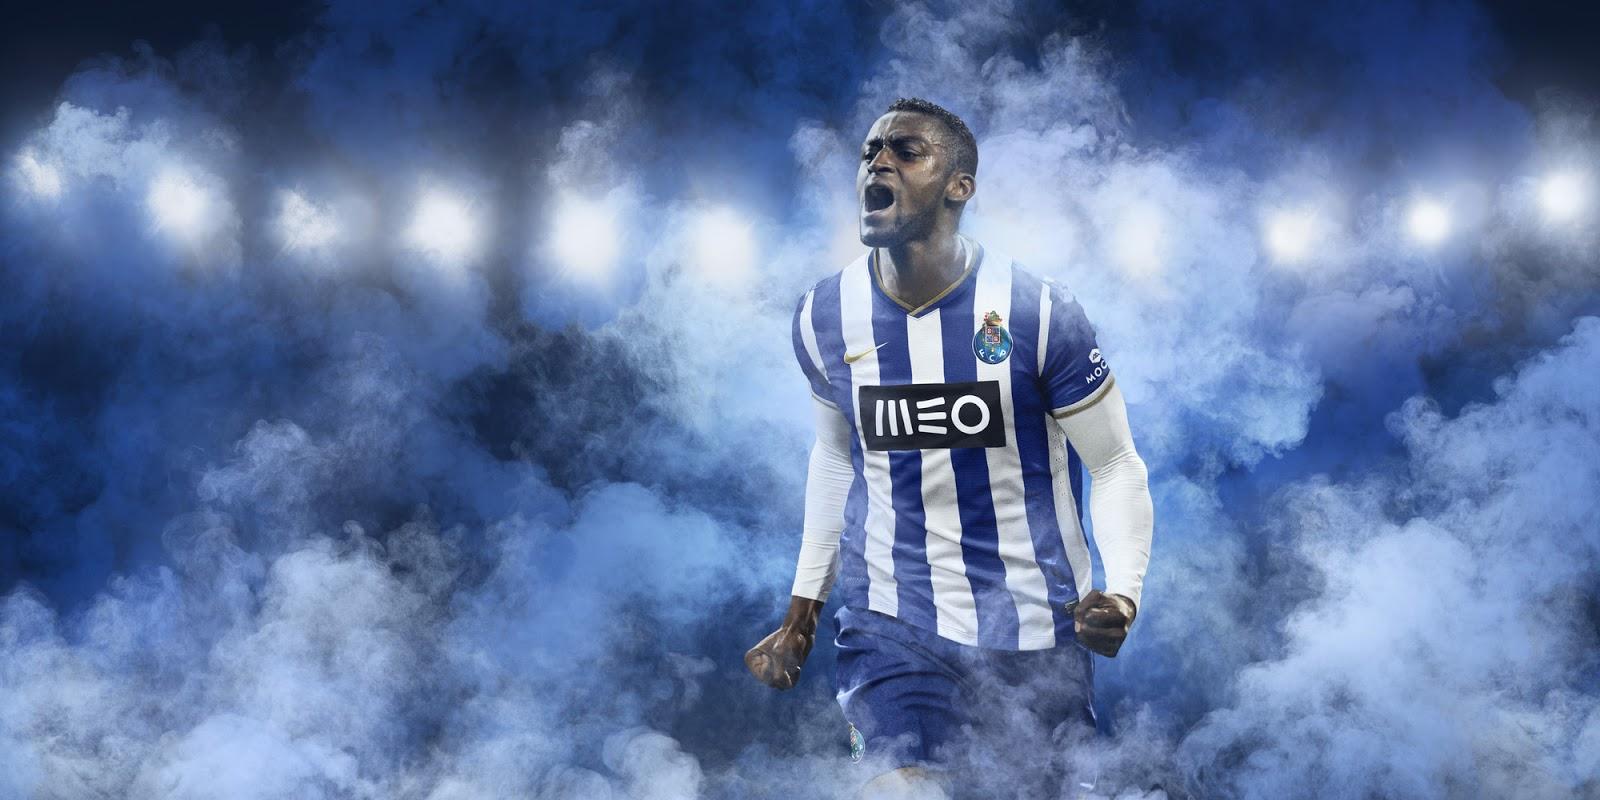 Porto 13 14 2013 14 heim und ausw rtstrikots released nur fussball - Portugiesische mobel ...